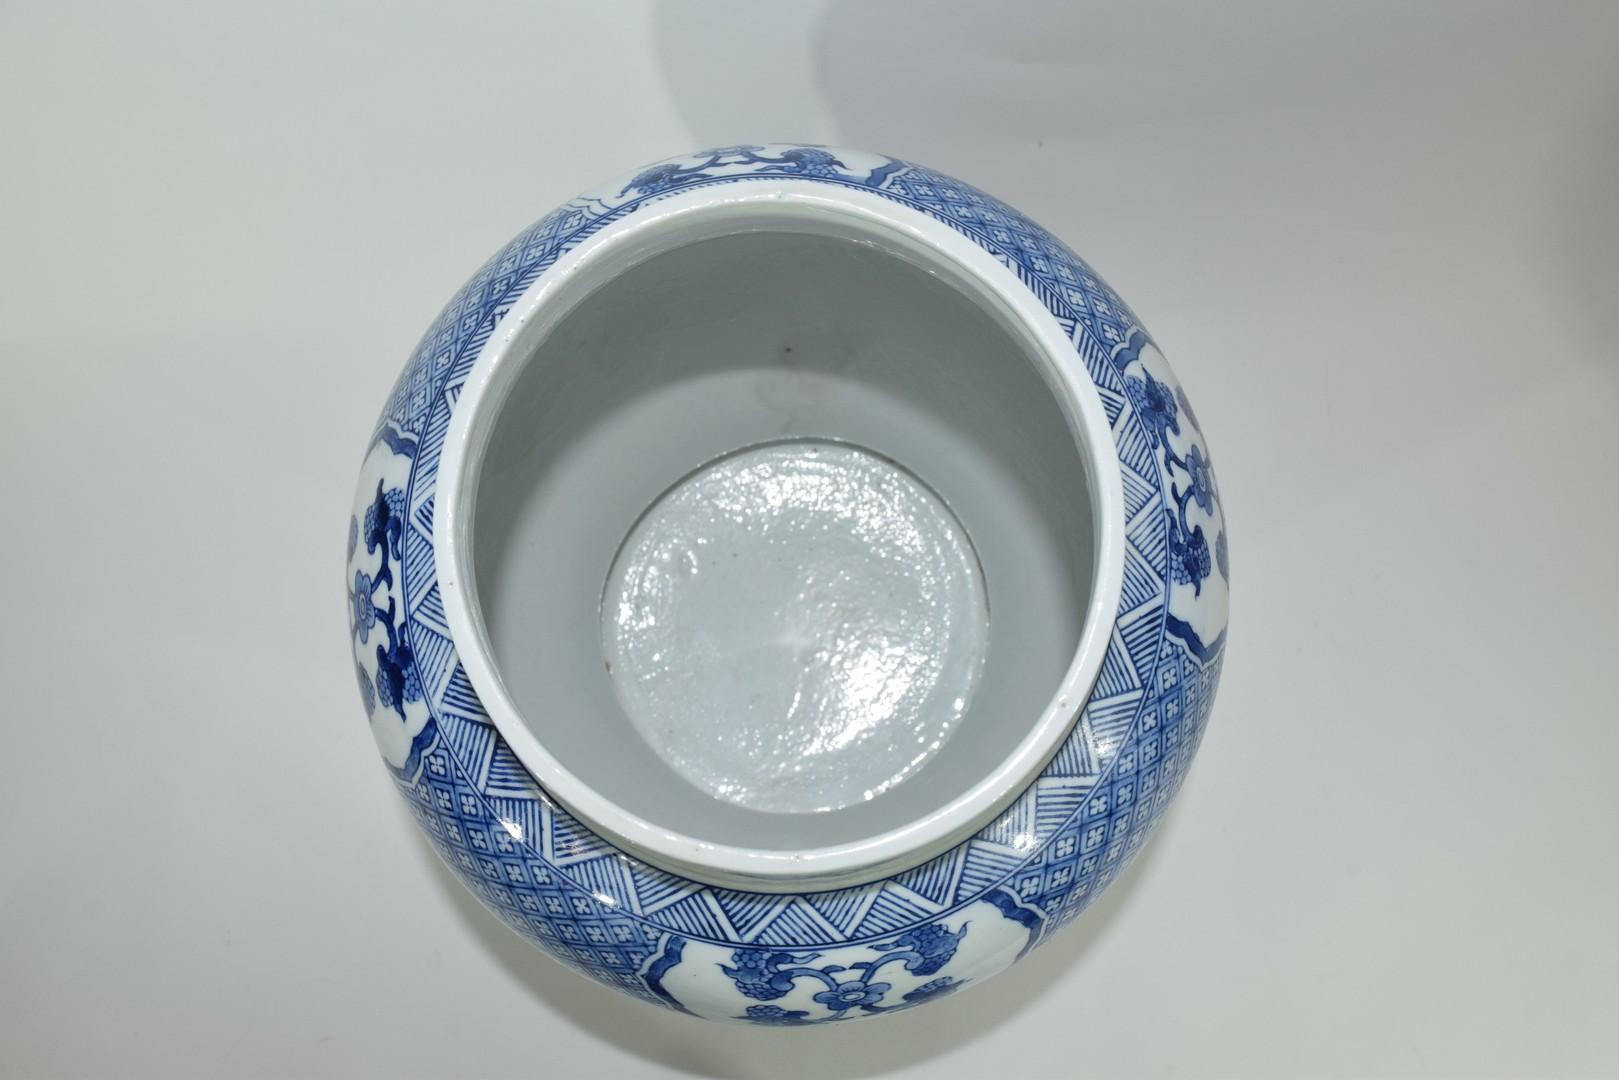 Large Chinese porcelain jar - Image 6 of 7